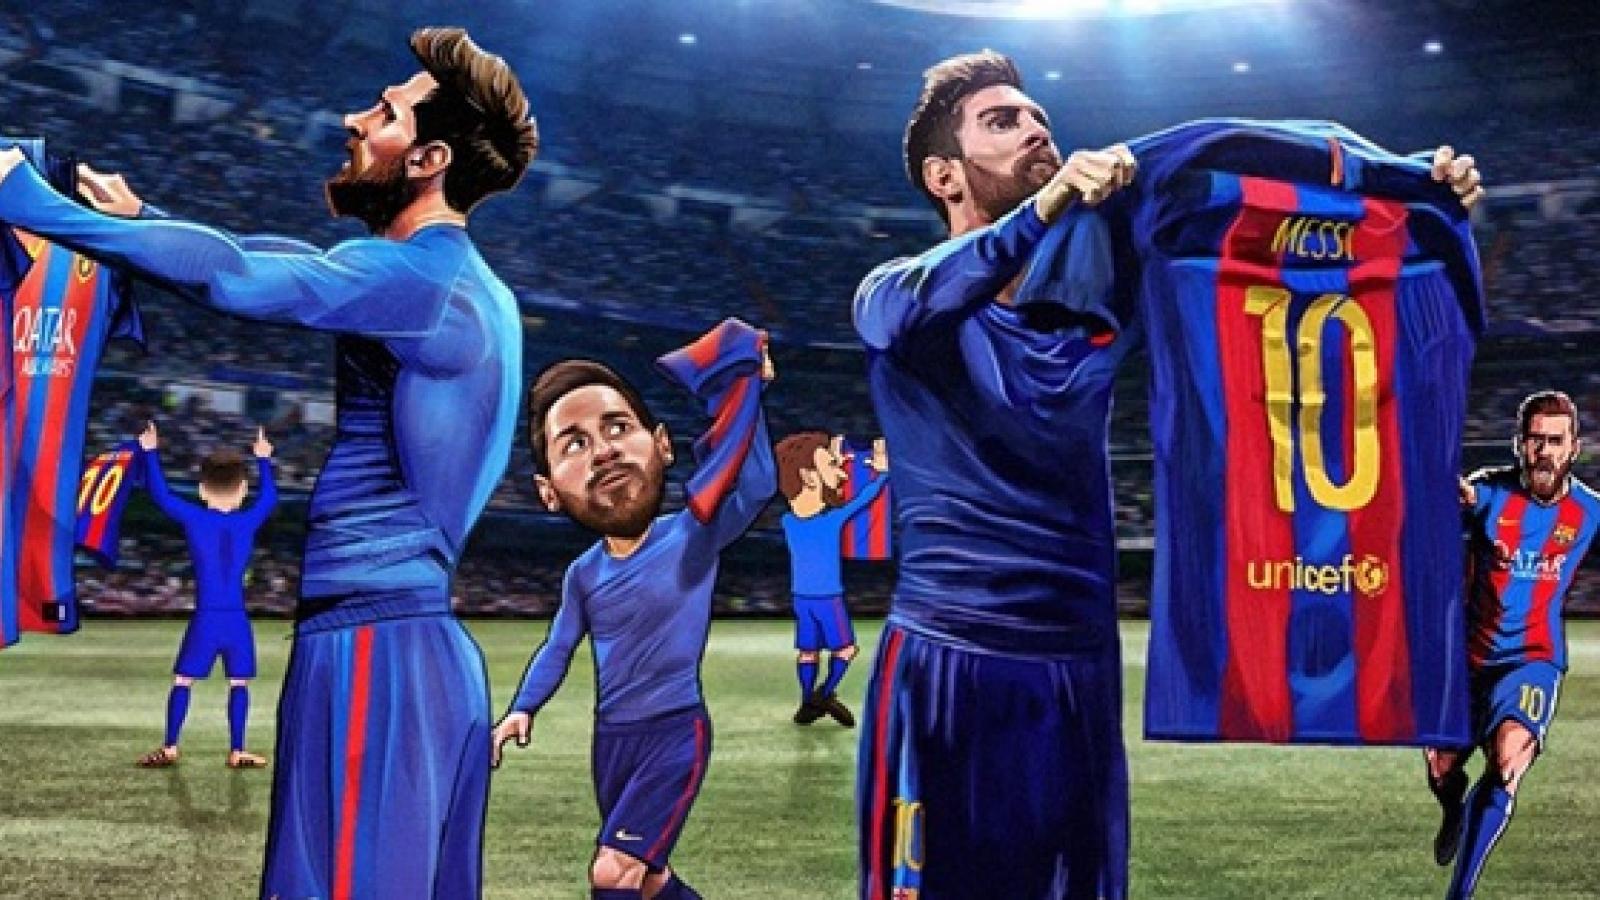 Biếm họa 24h: Lionel Messi và màn ăn mừng khiến Ronaldo phải chết lặng